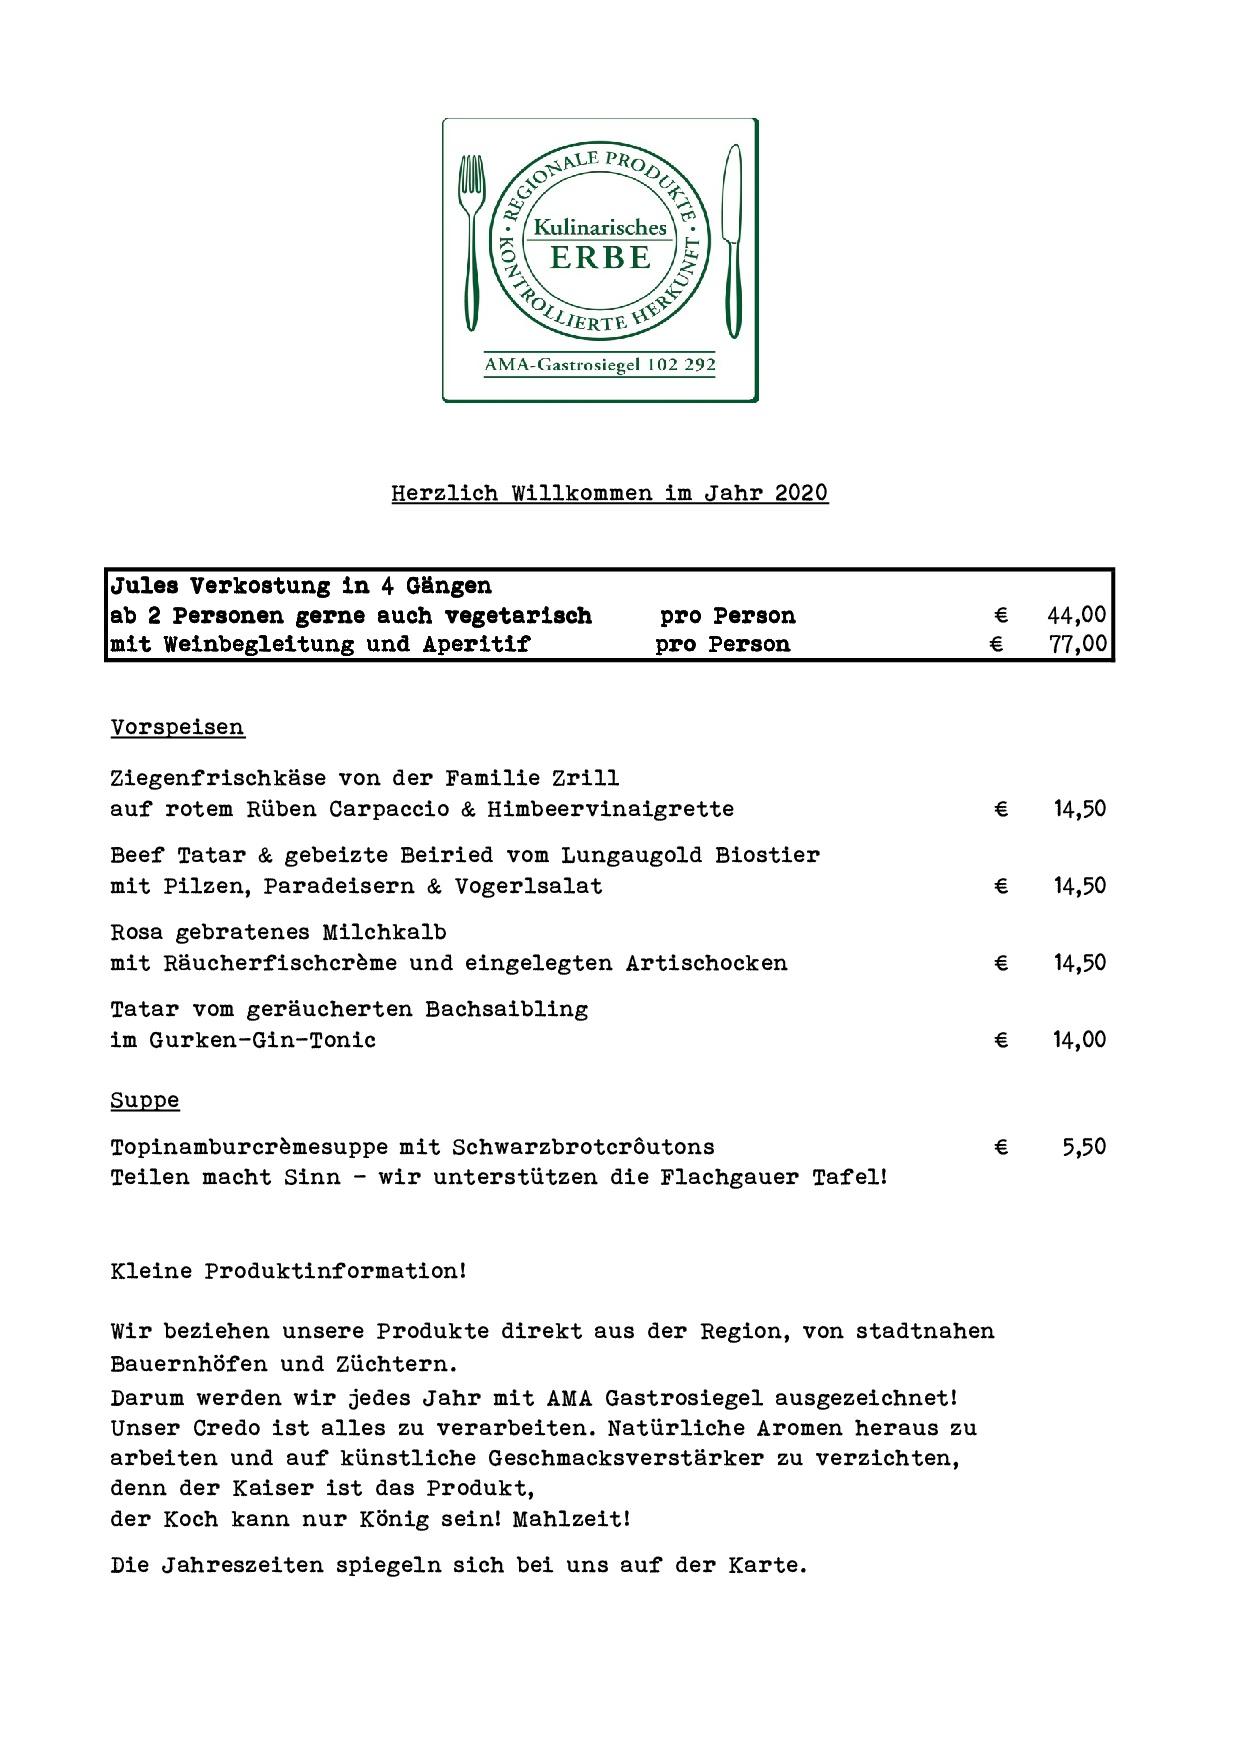 saisonkarte-jnner20-001